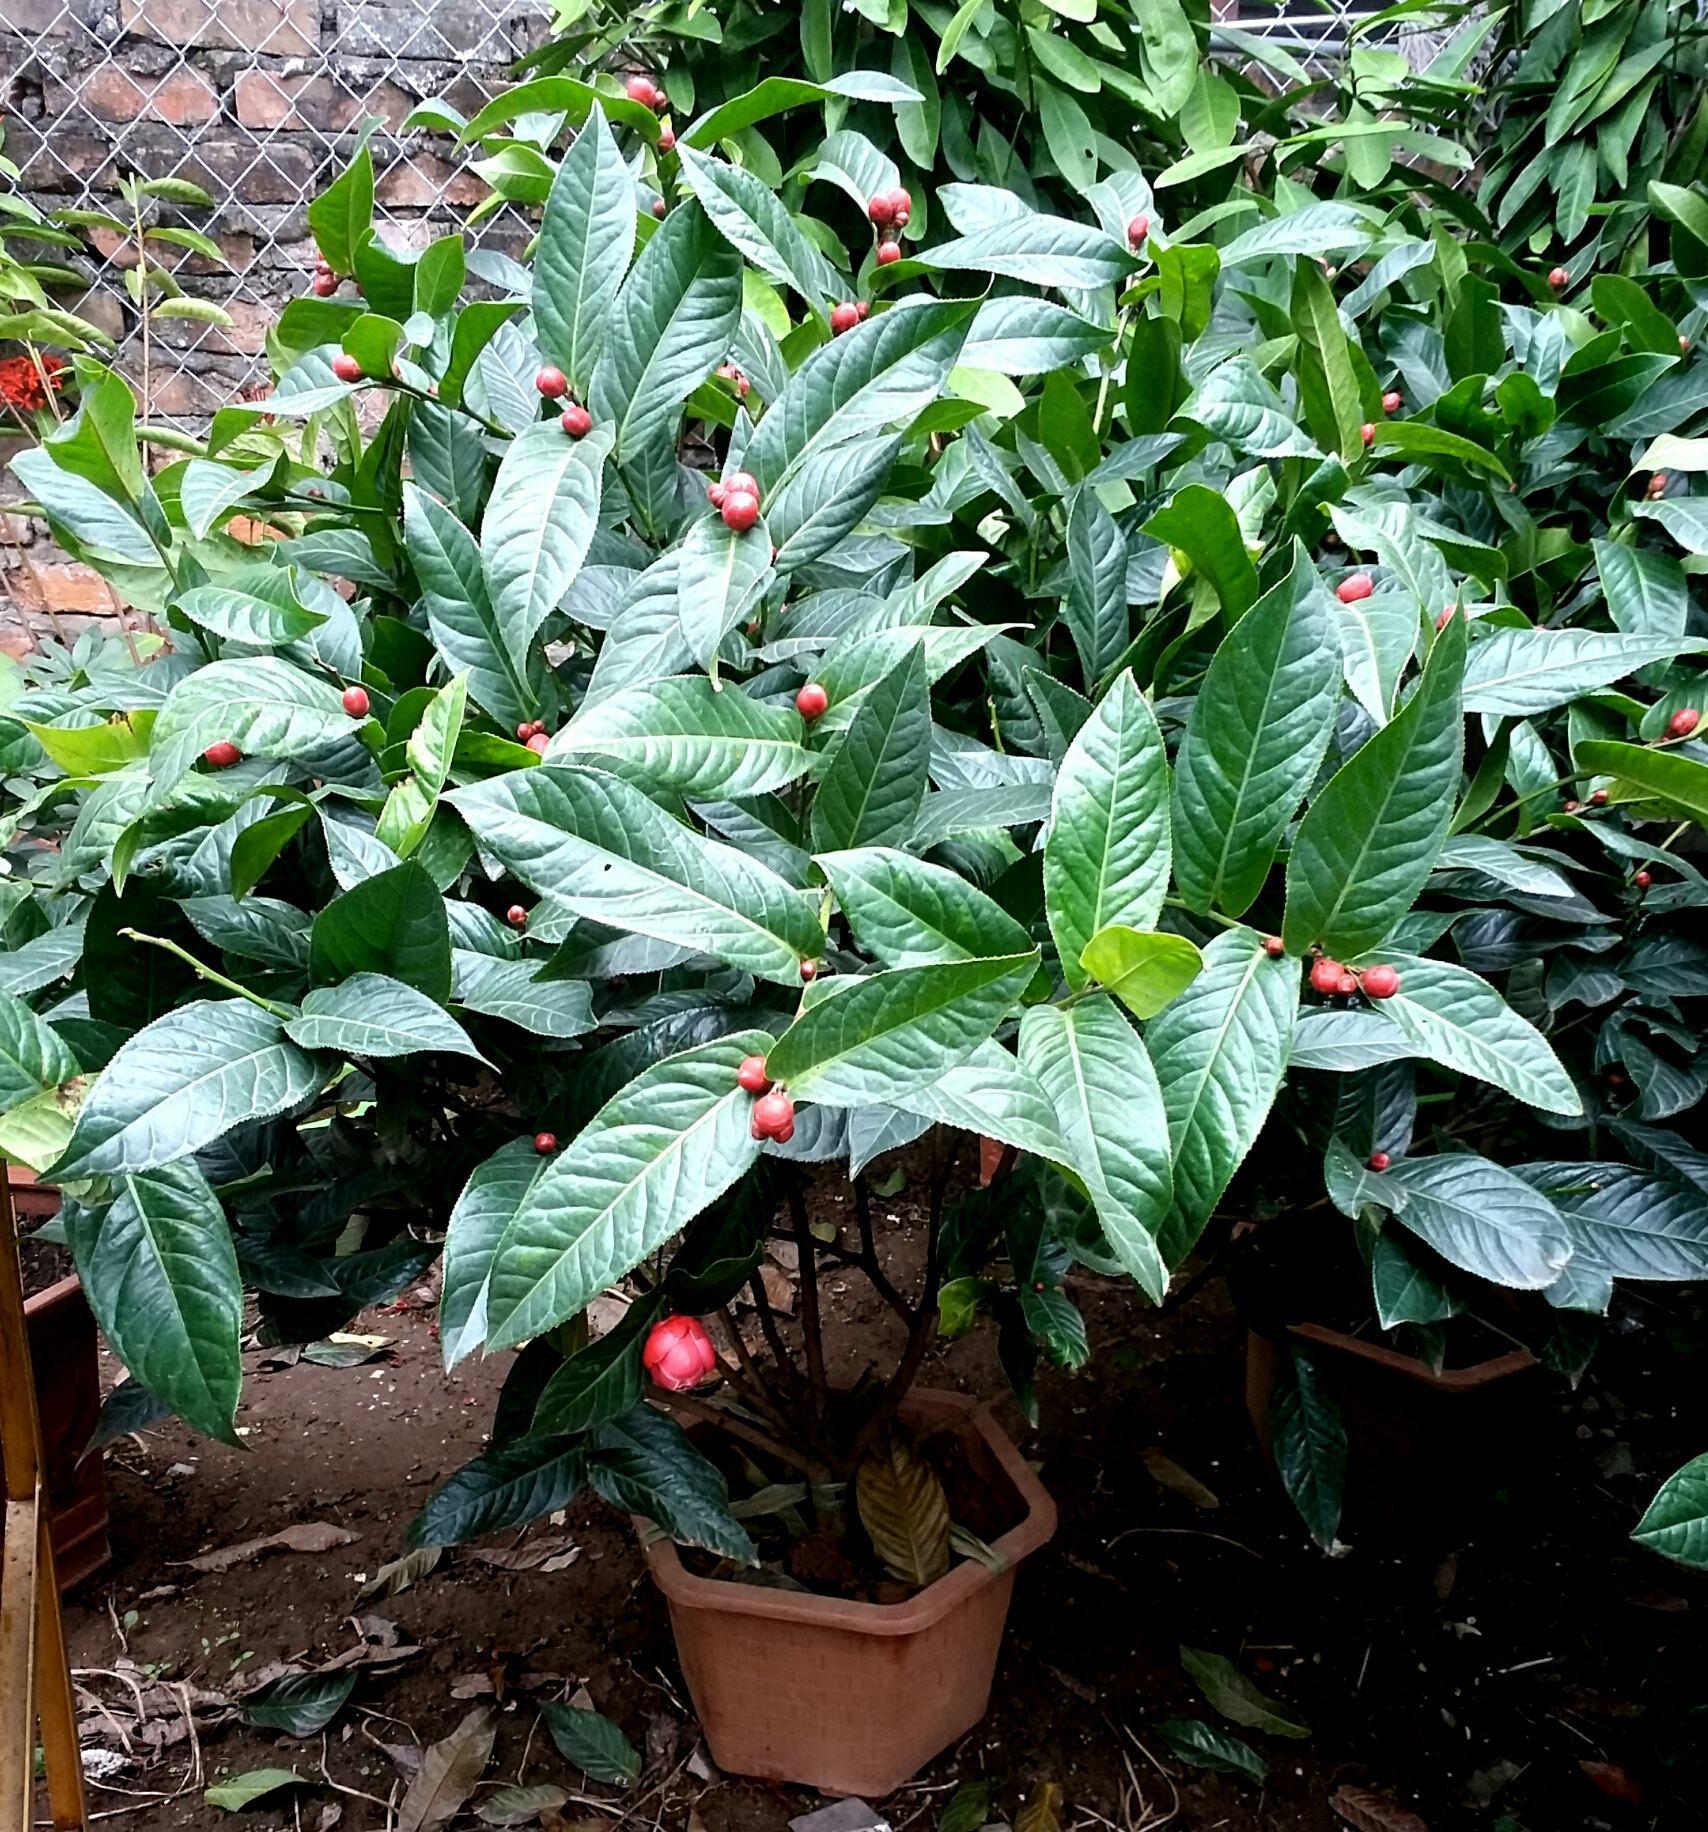 Cây hoa hải đường cao từ 90 cm đến 1 m. Giá 600 k/cây